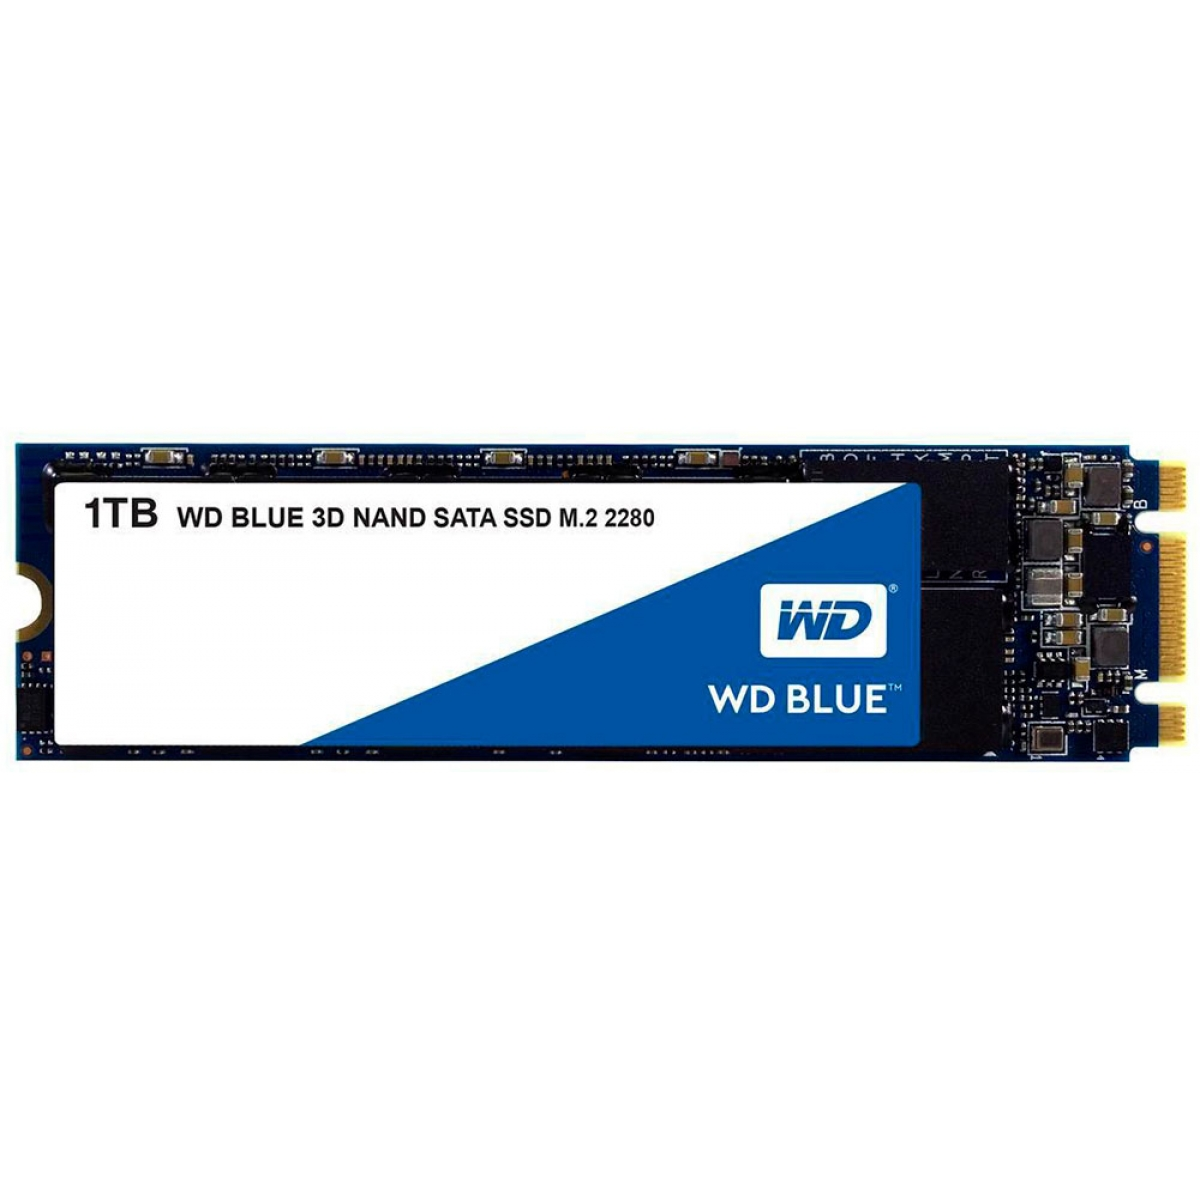 SSD WD Blue, 1TB, M.2 2280, Sata, Leitura 560MBs e Gravação 530MBs, WDS100T2B0B